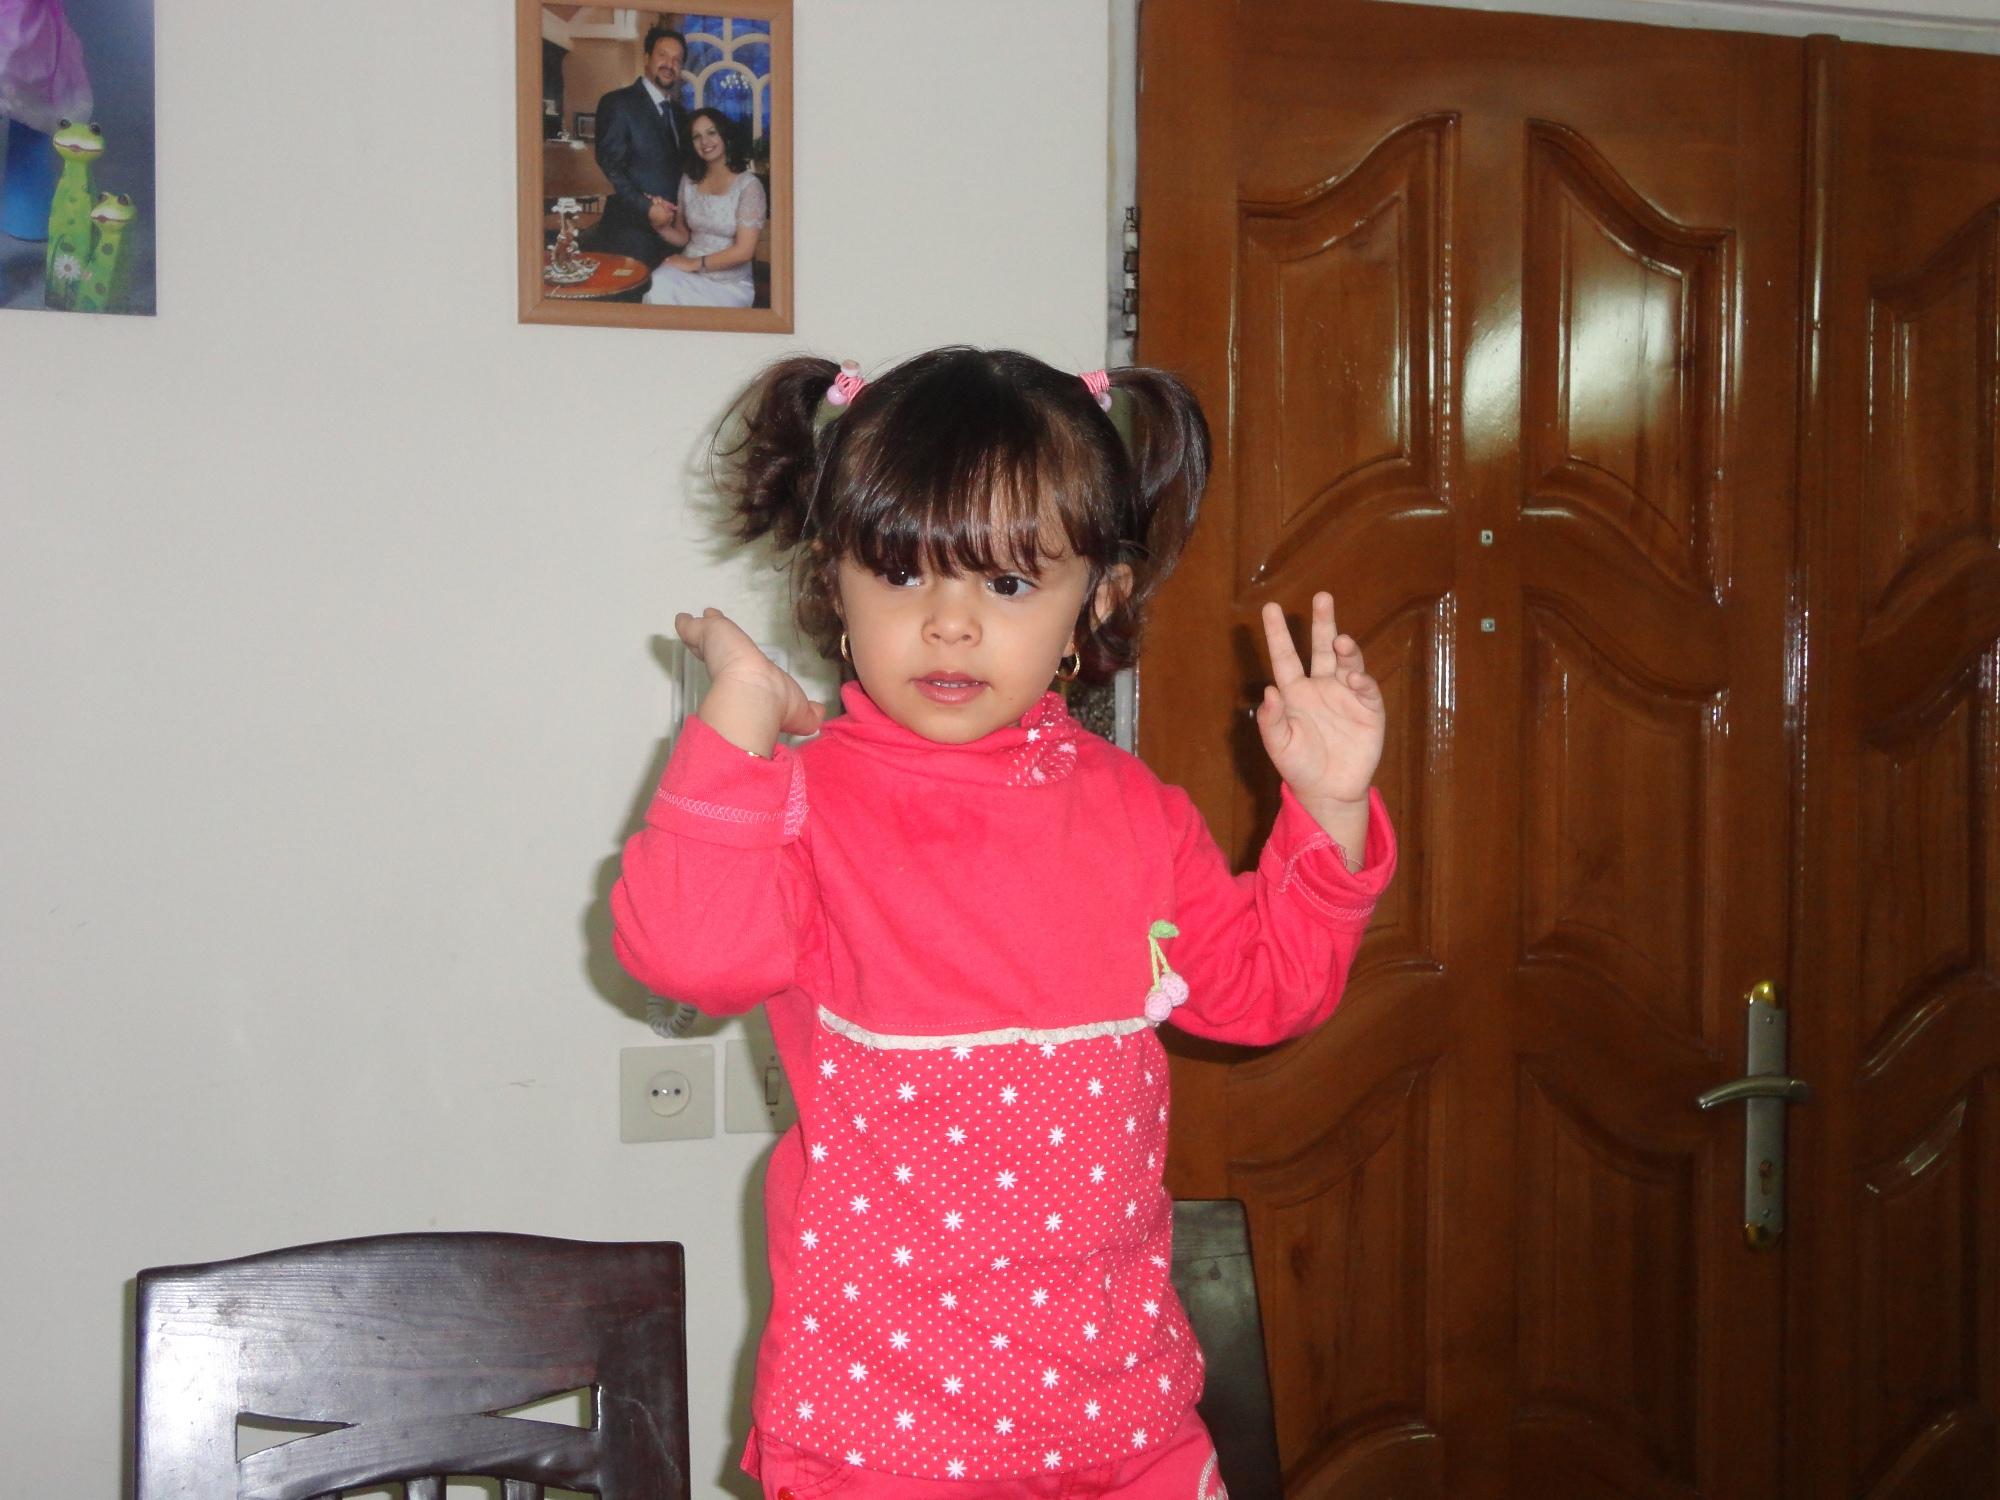 http://avin89.persiangig.com/DSC01703.JPG